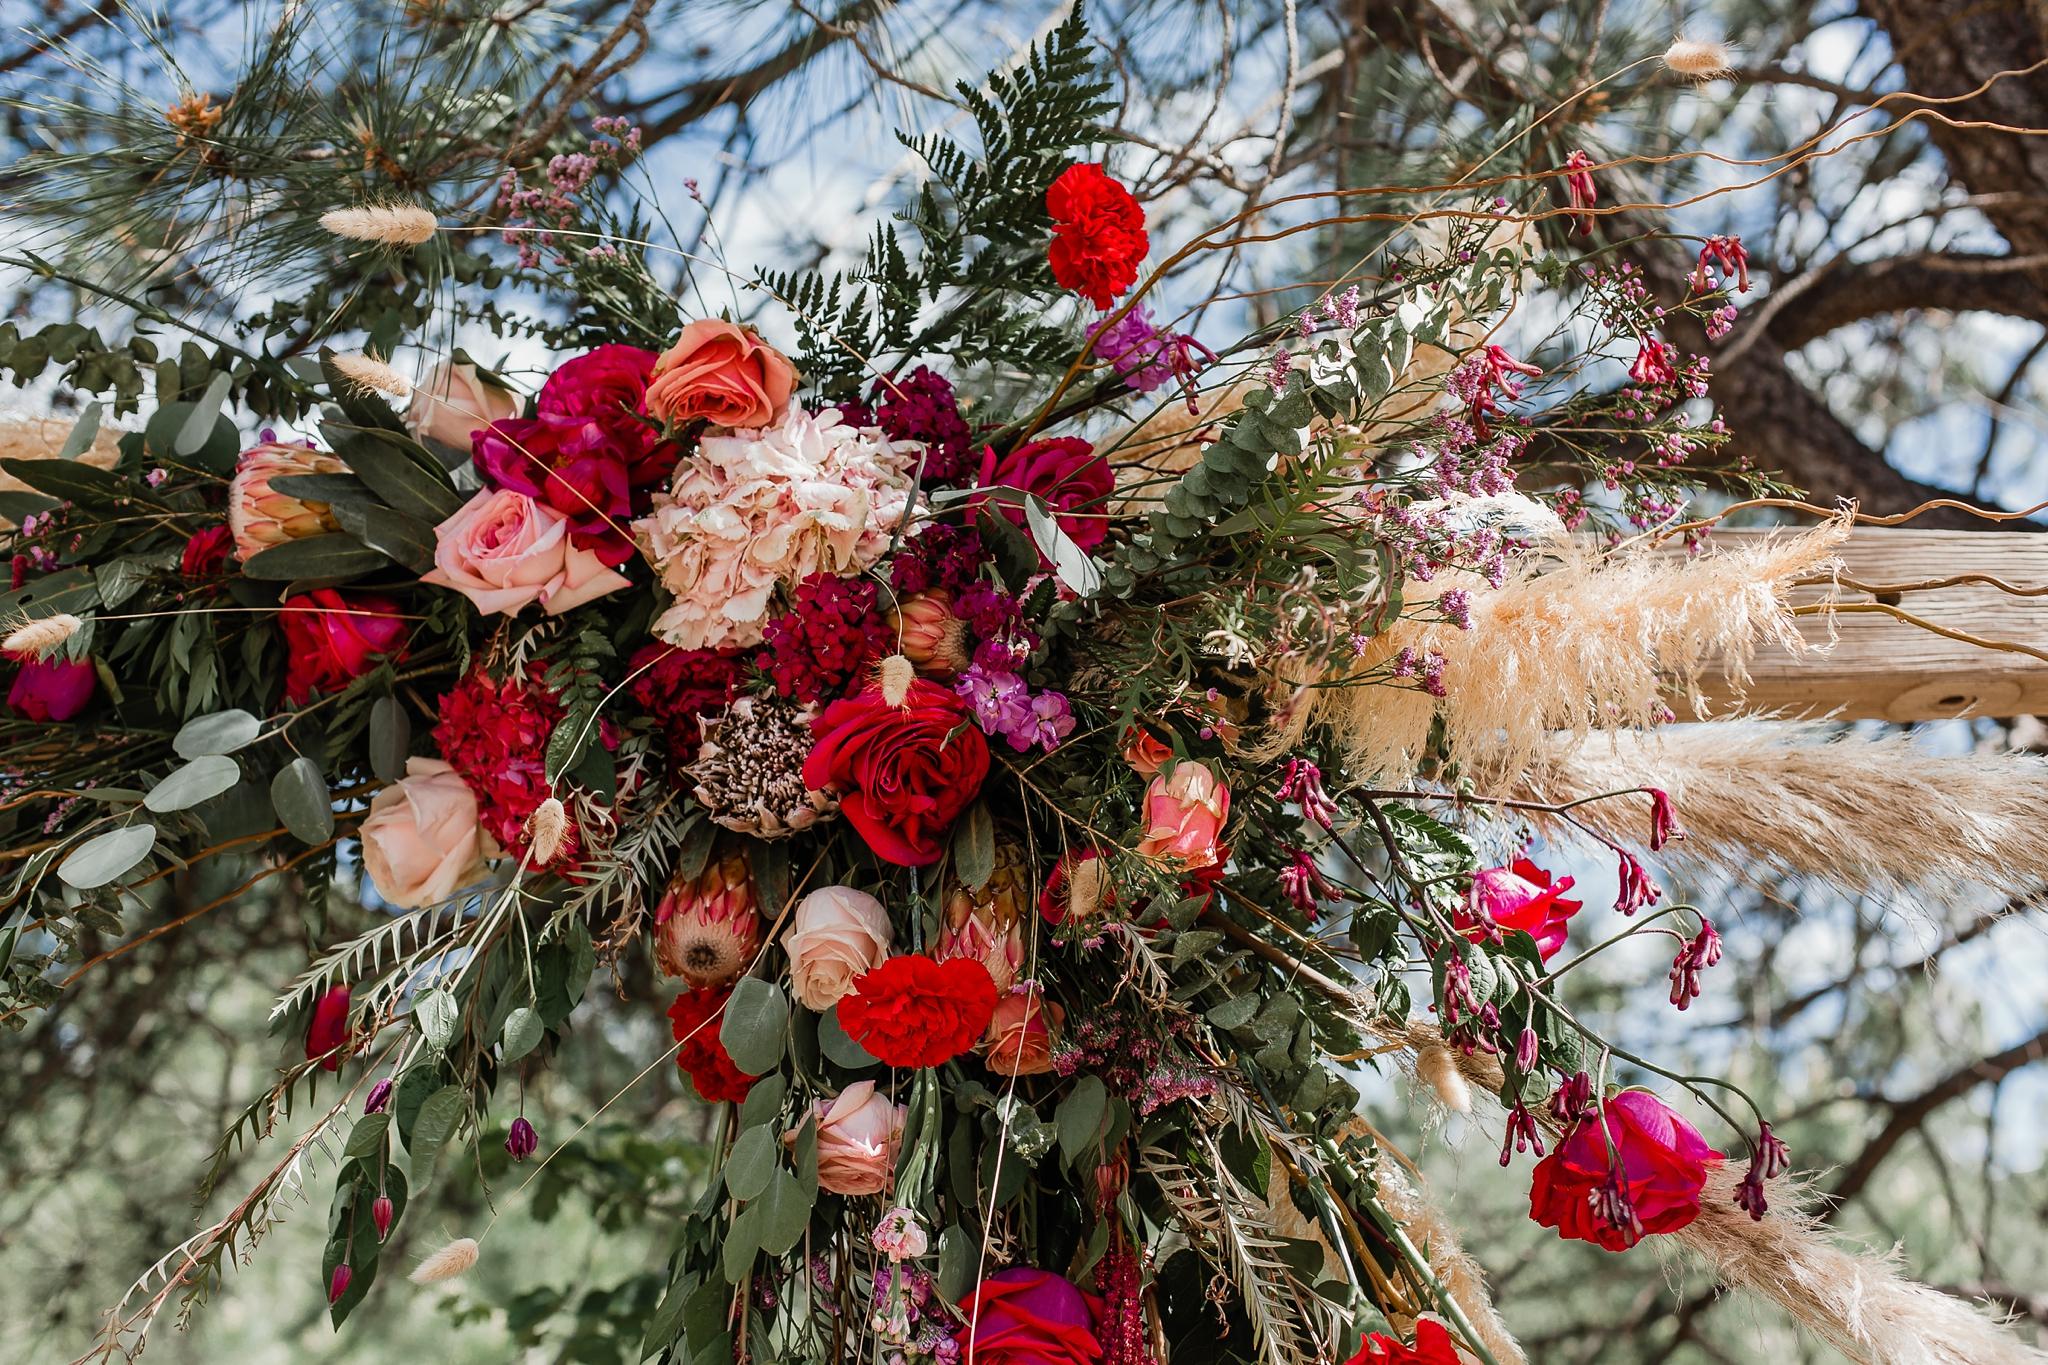 Alicia+lucia+photography+-+albuquerque+wedding+photographer+-+santa+fe+wedding+photography+-+new+mexico+wedding+photographer+-+new+mexico+wedding+-+new+mexico+wedding+-+barn+wedding+-+enchanted+vine+barn+wedding+-+ruidoso+wedding_0032.jpg